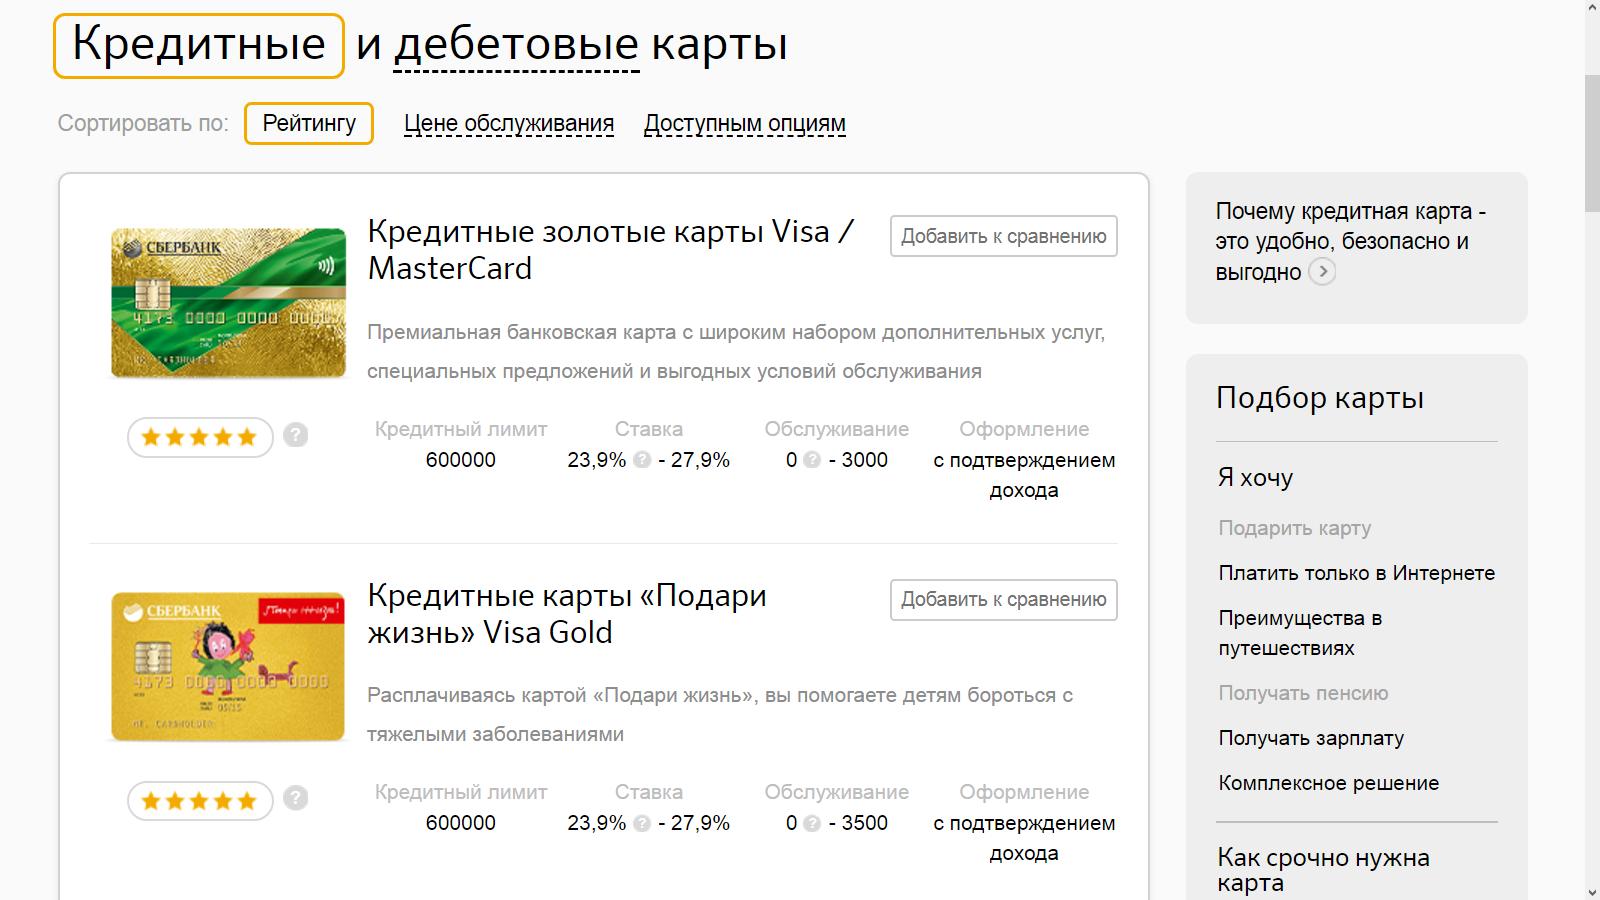 Зарплатная карта Сбербанка России. Виды зарплатных 96